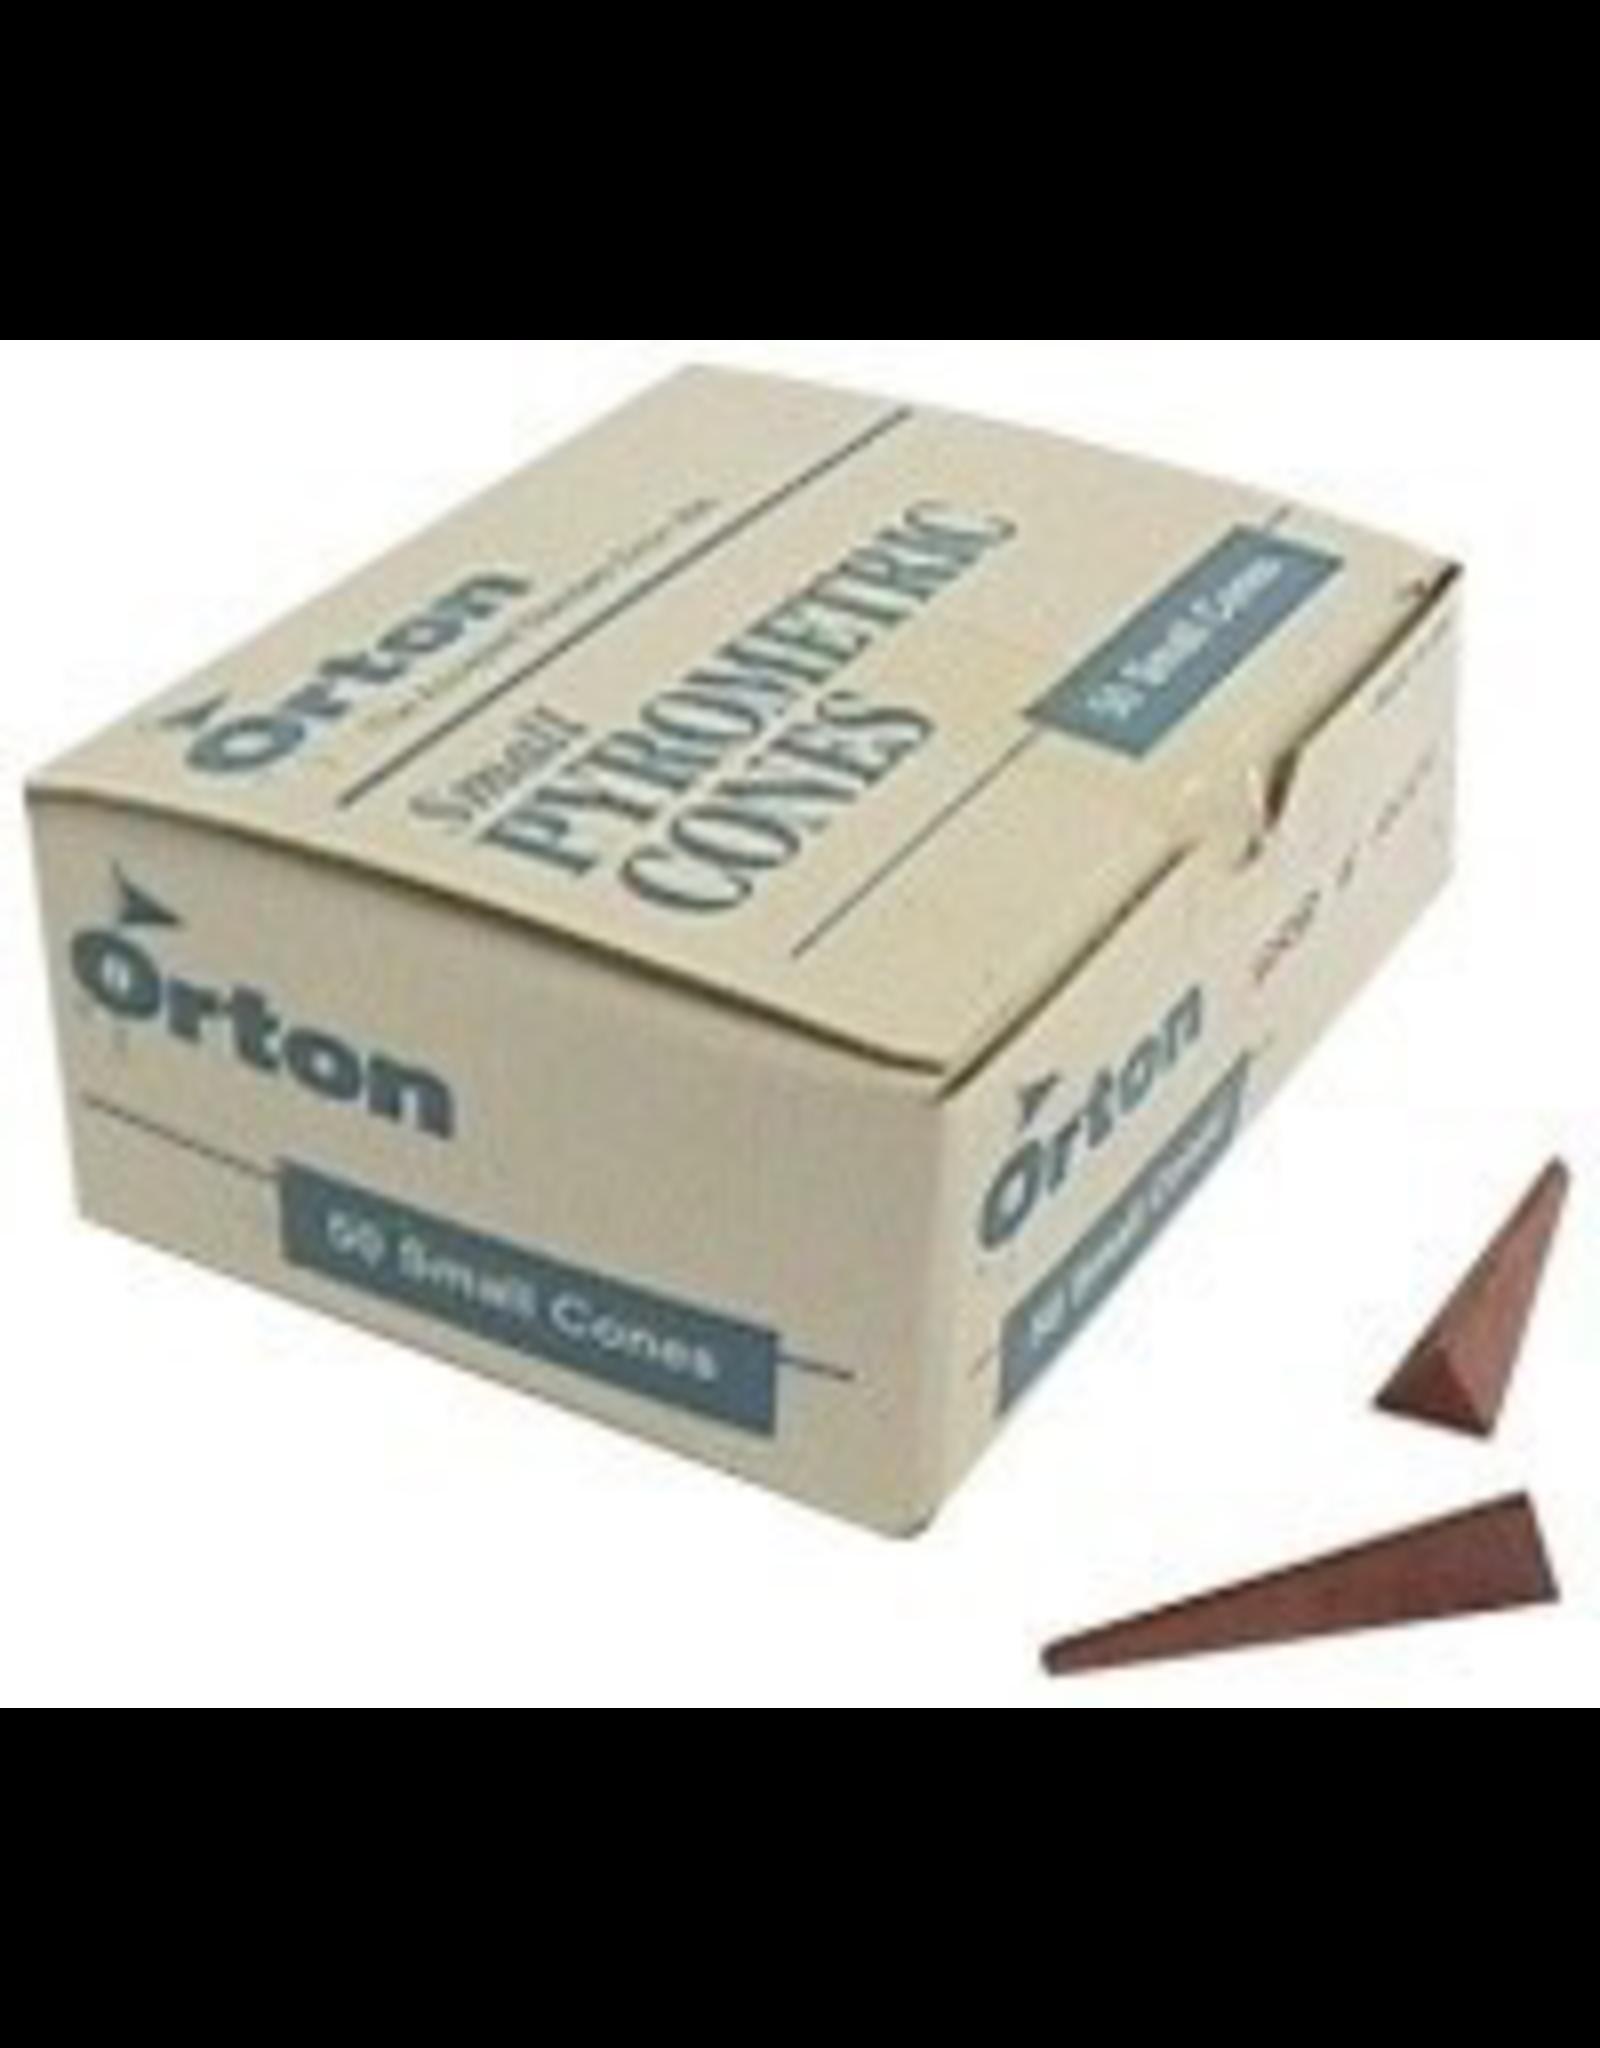 Orton small cone 01 (x10)